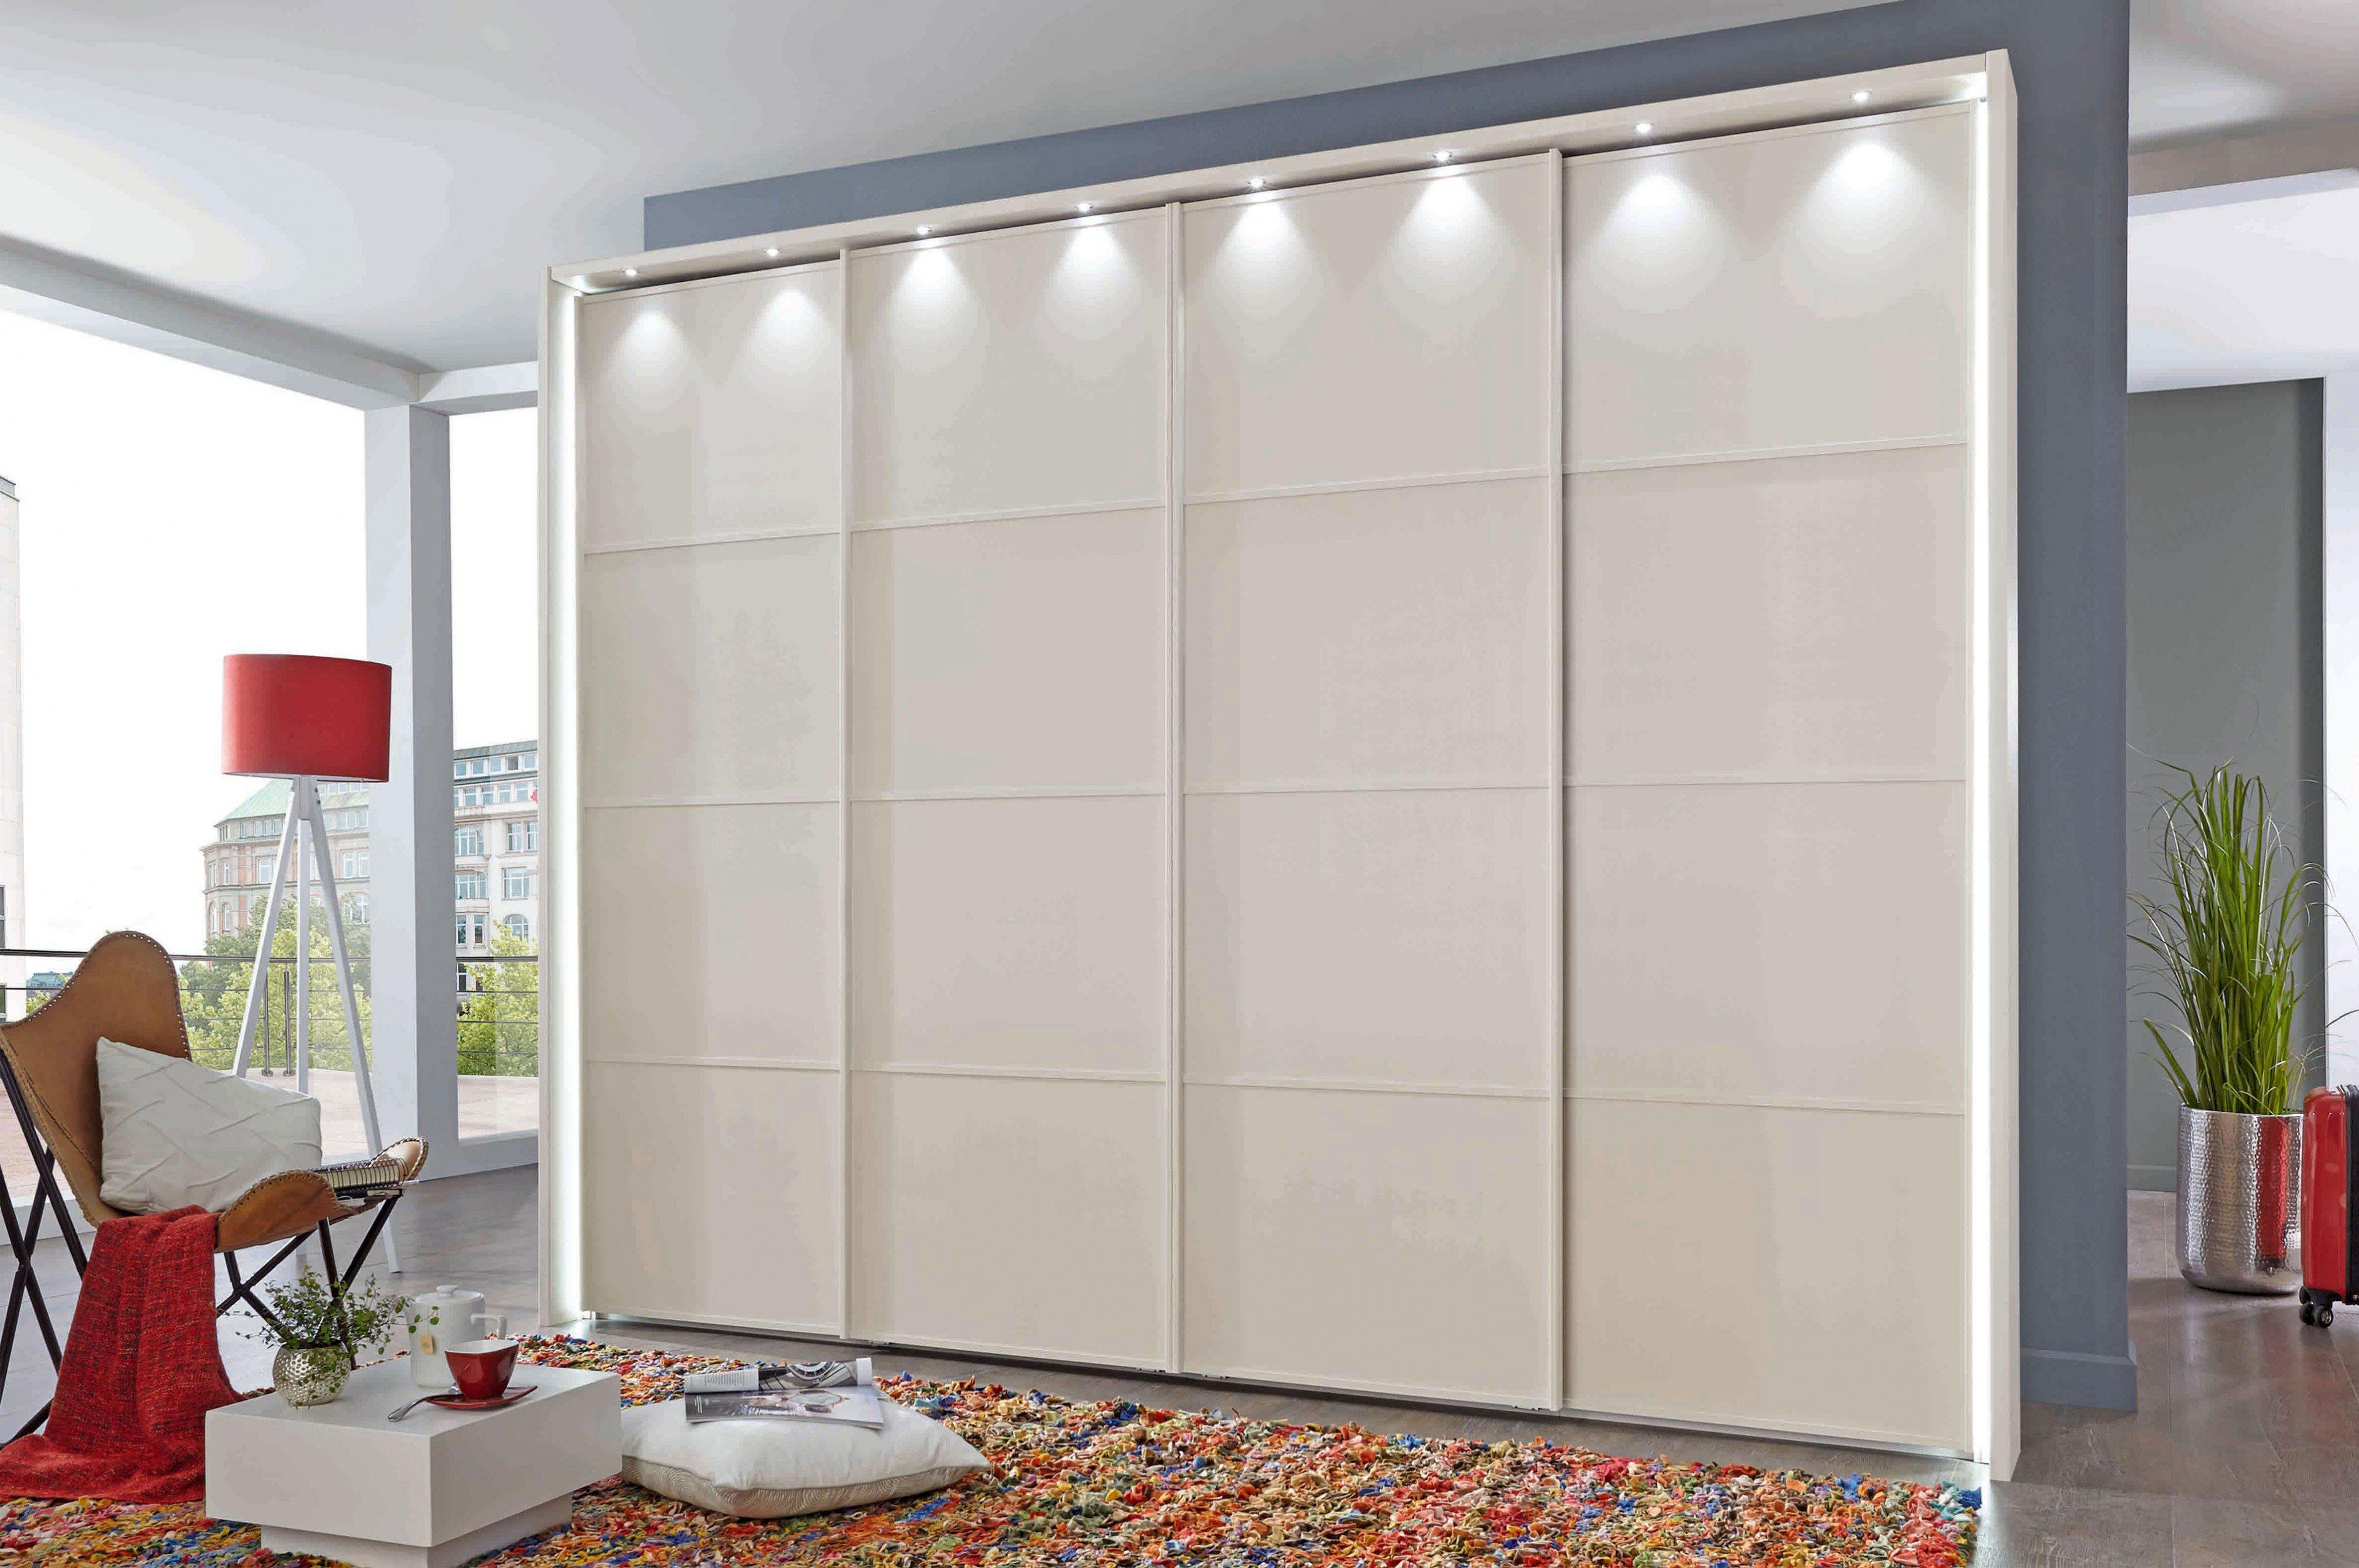 eingebaute kleiderschr nke test bettdecken kinder bettw sche 135x200 g nstig krankenhaus. Black Bedroom Furniture Sets. Home Design Ideas